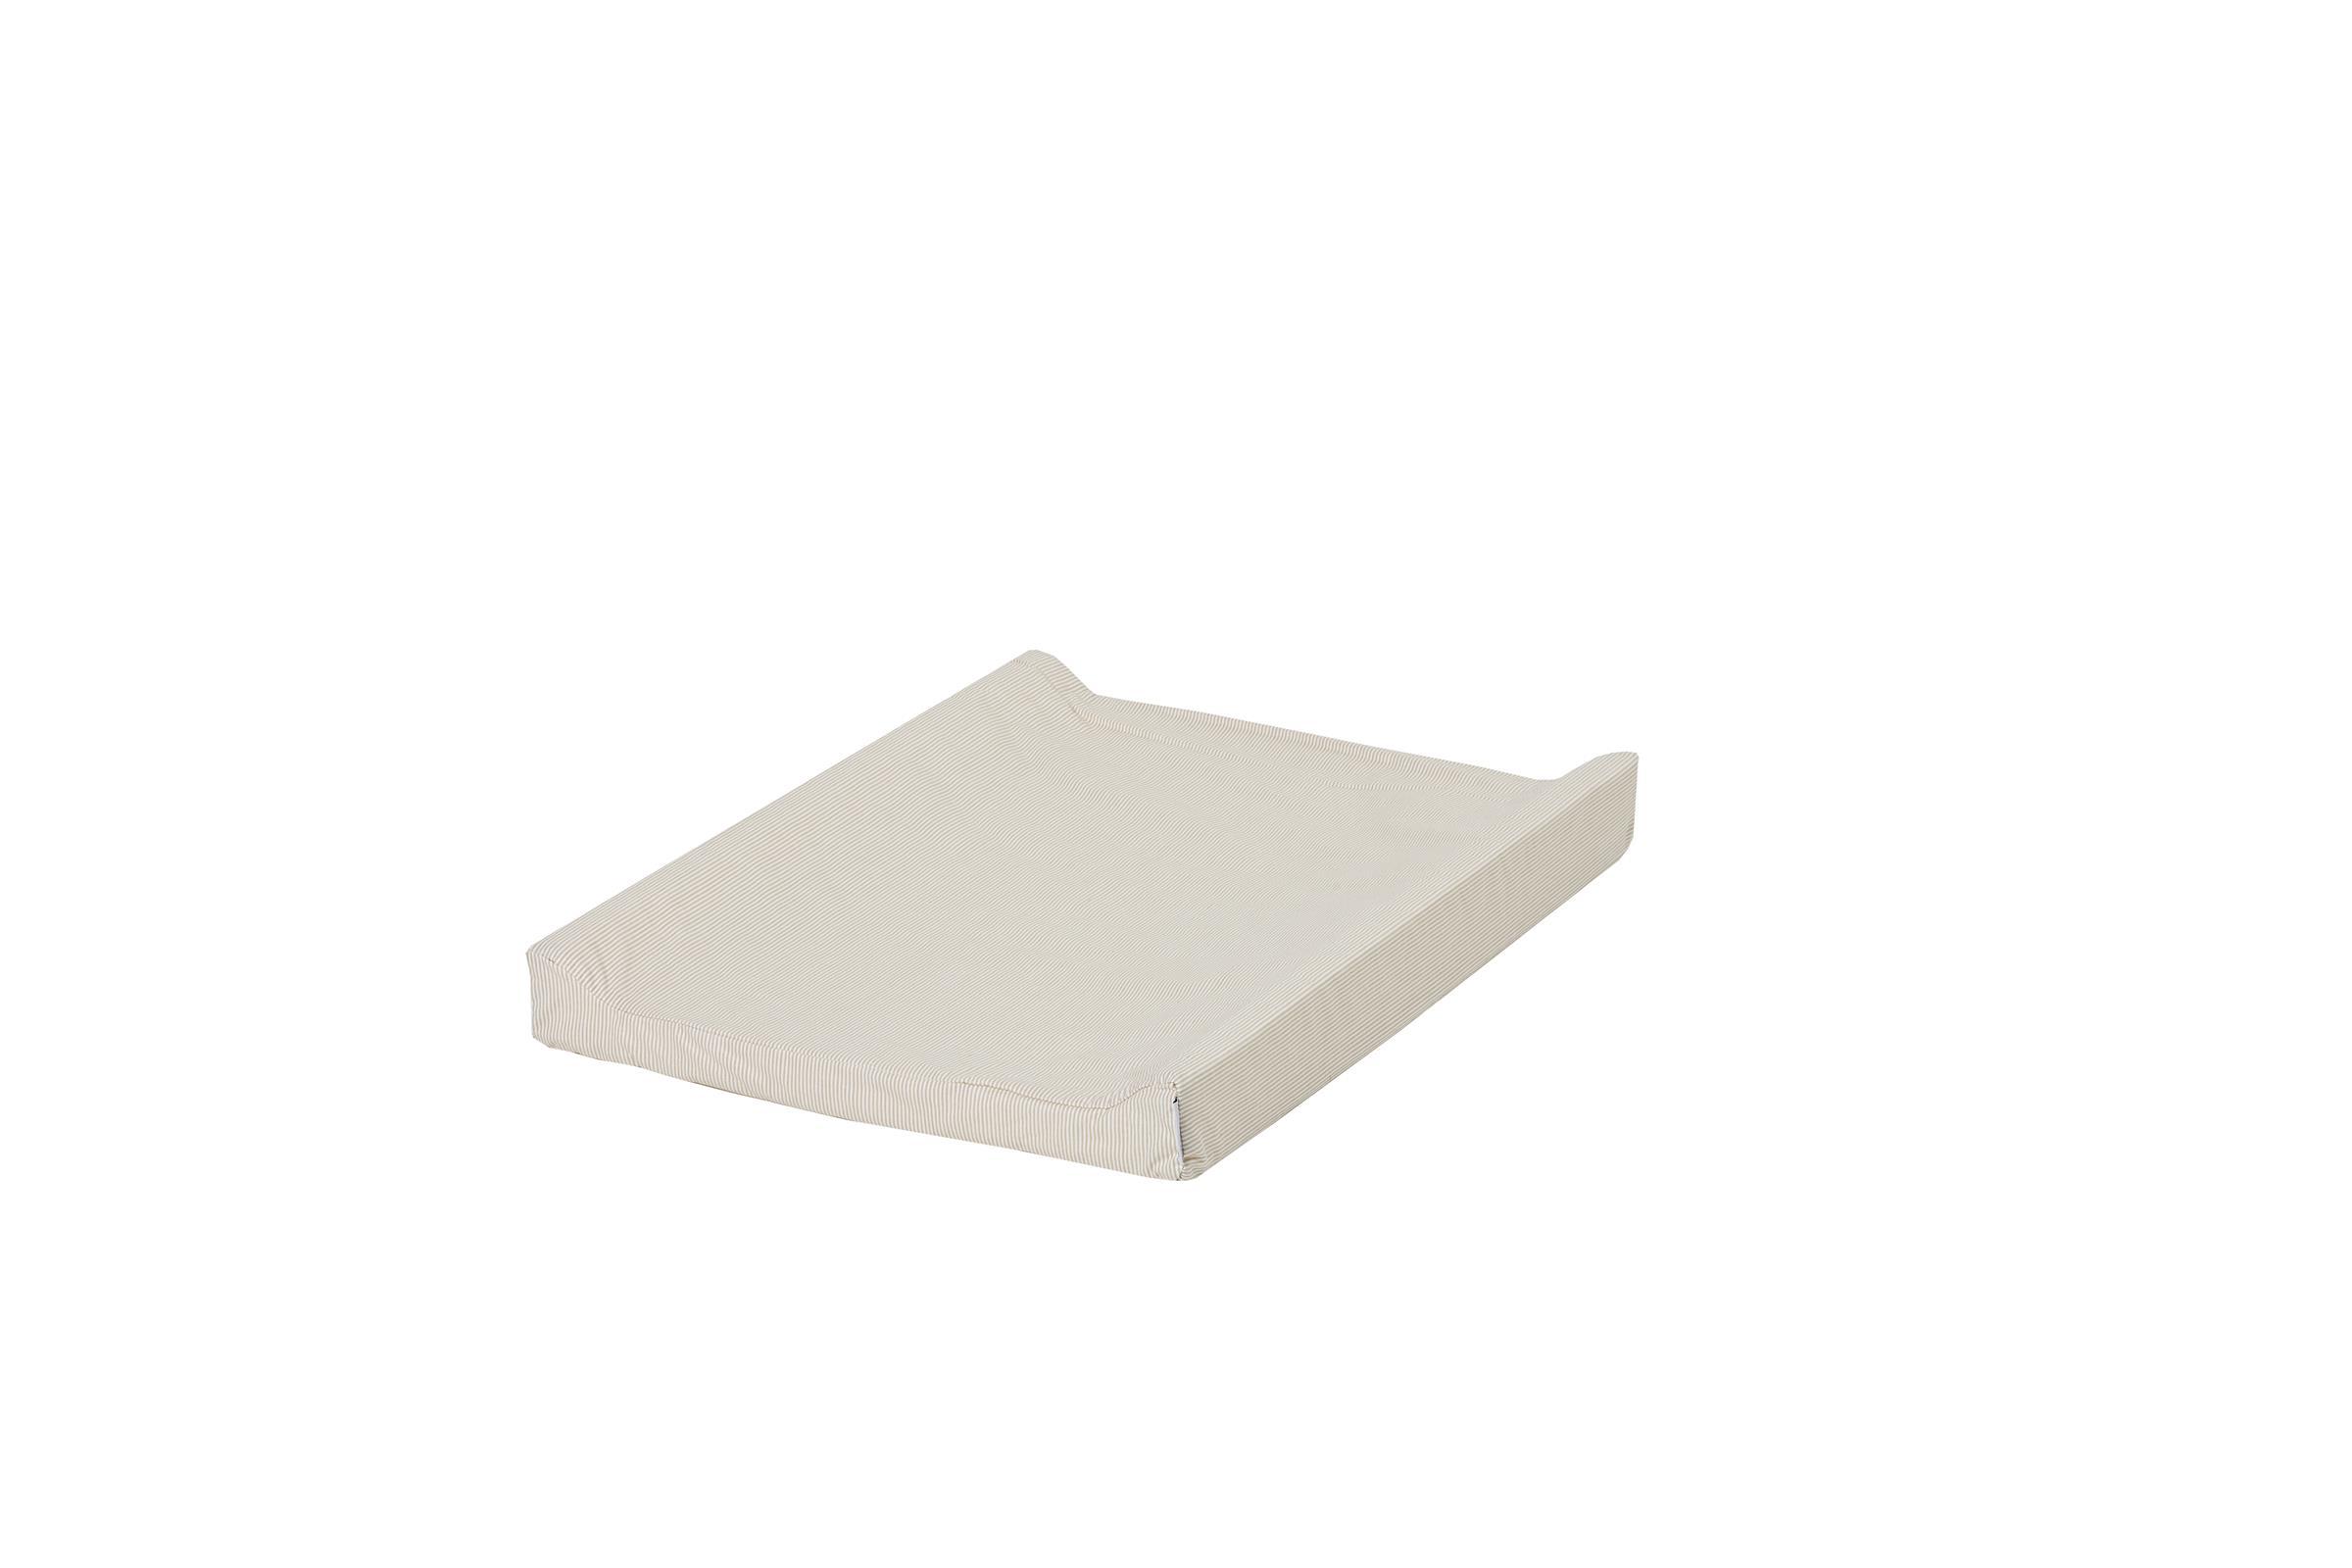 Hoppekids puslehynde - hvid/sandstribet, 1 stk. på lager fra Hoppekids fra pixizoo